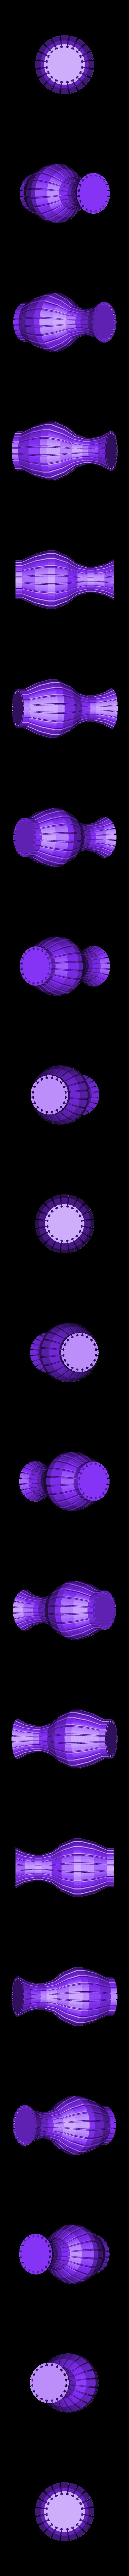 Vase.stl Download free STL file FlexiVase • 3D printable model, DK7